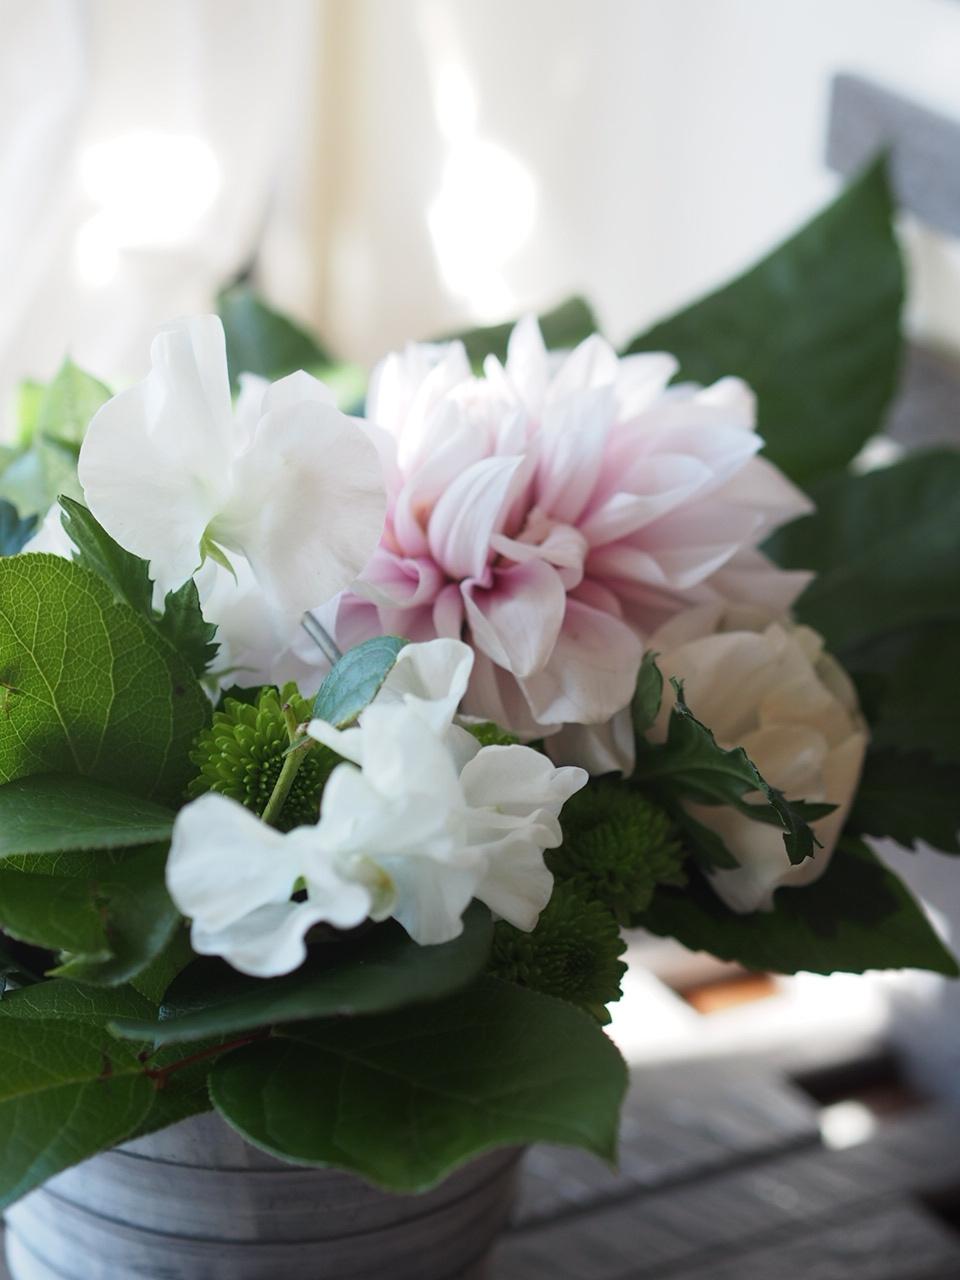 春のお花でアレンジメント_d0144095_17412146.jpg